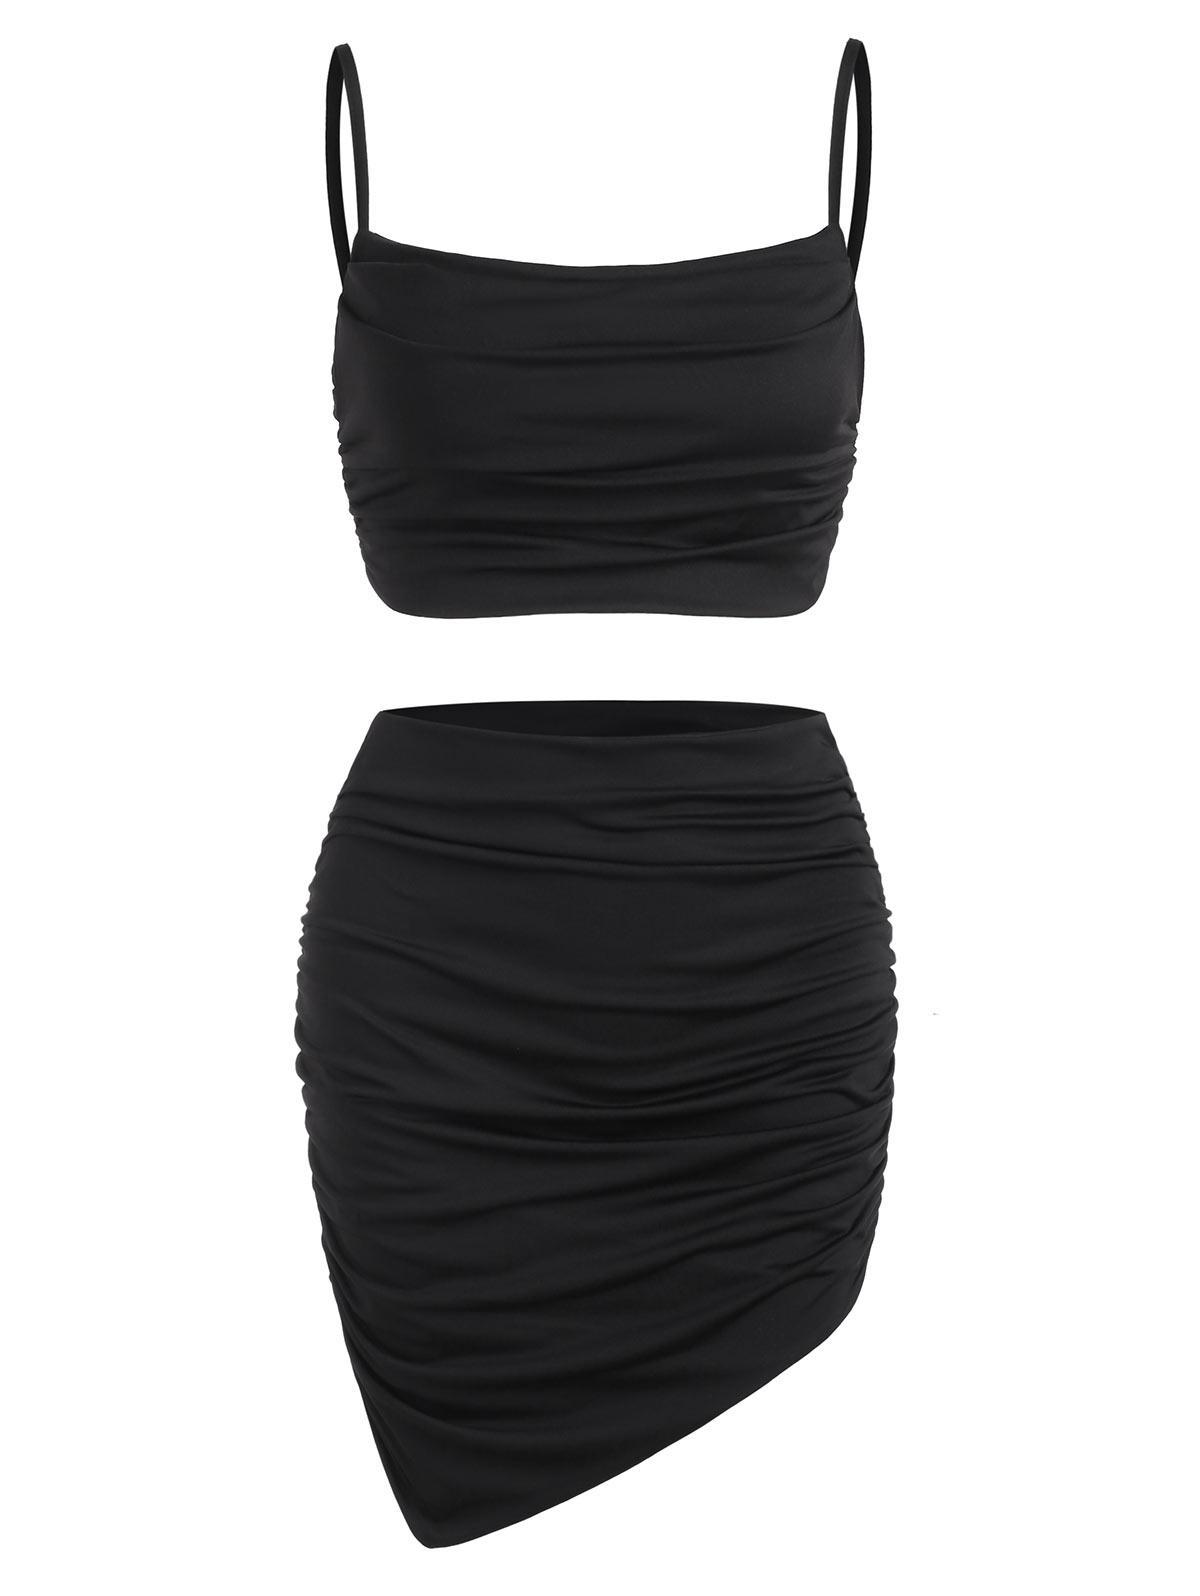 Robe Plissée Deux Pièces S Noir - Zaful FR - Modalova